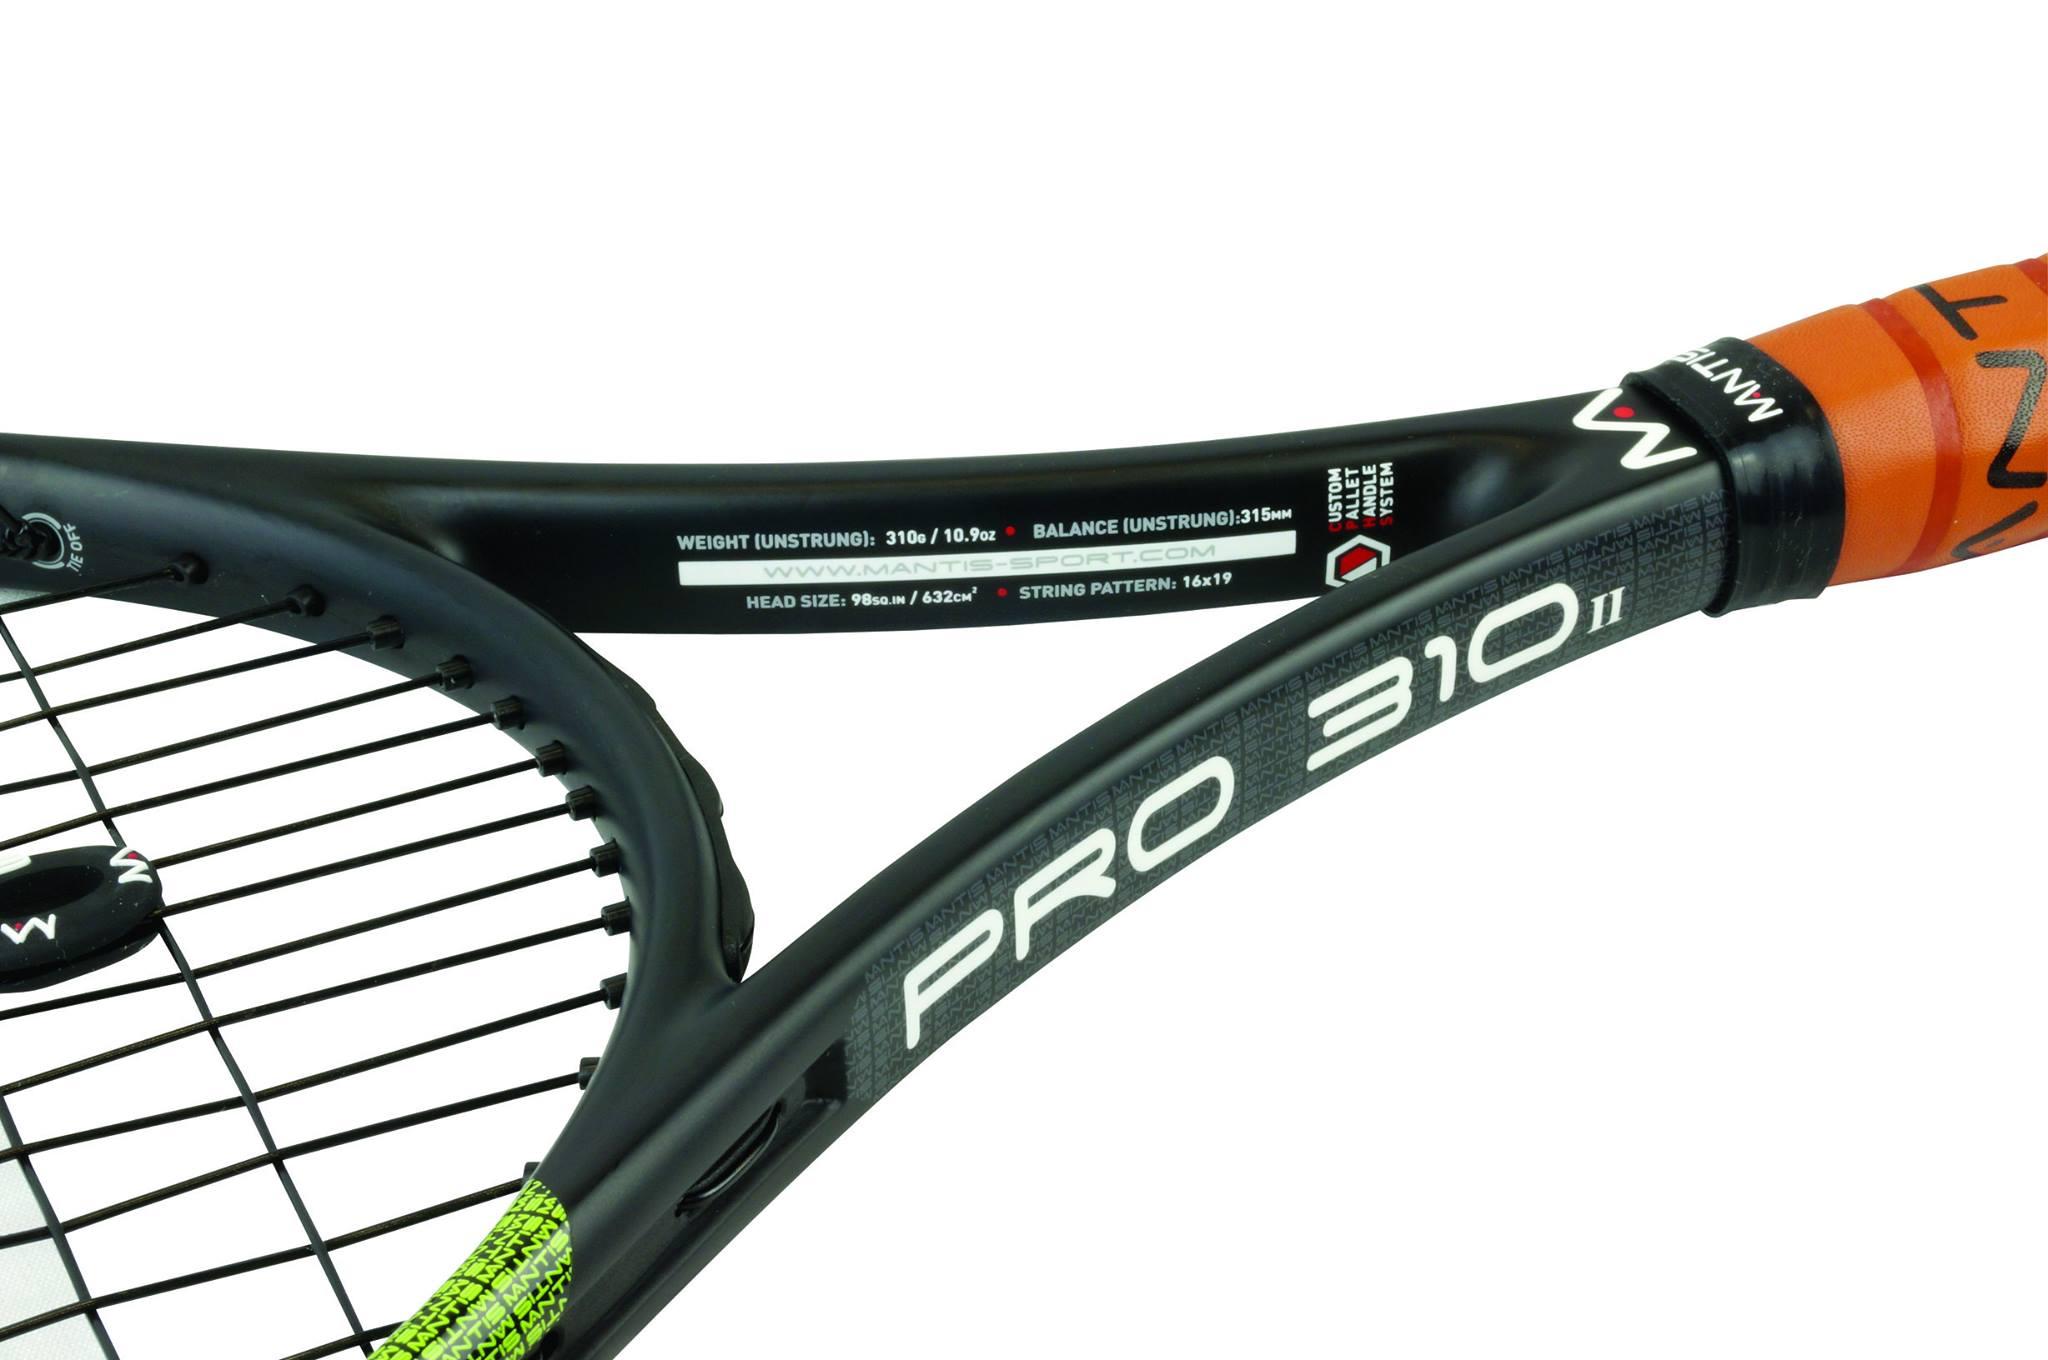 401a0939aa Mantis Pro 310 II - TennisTaste.com